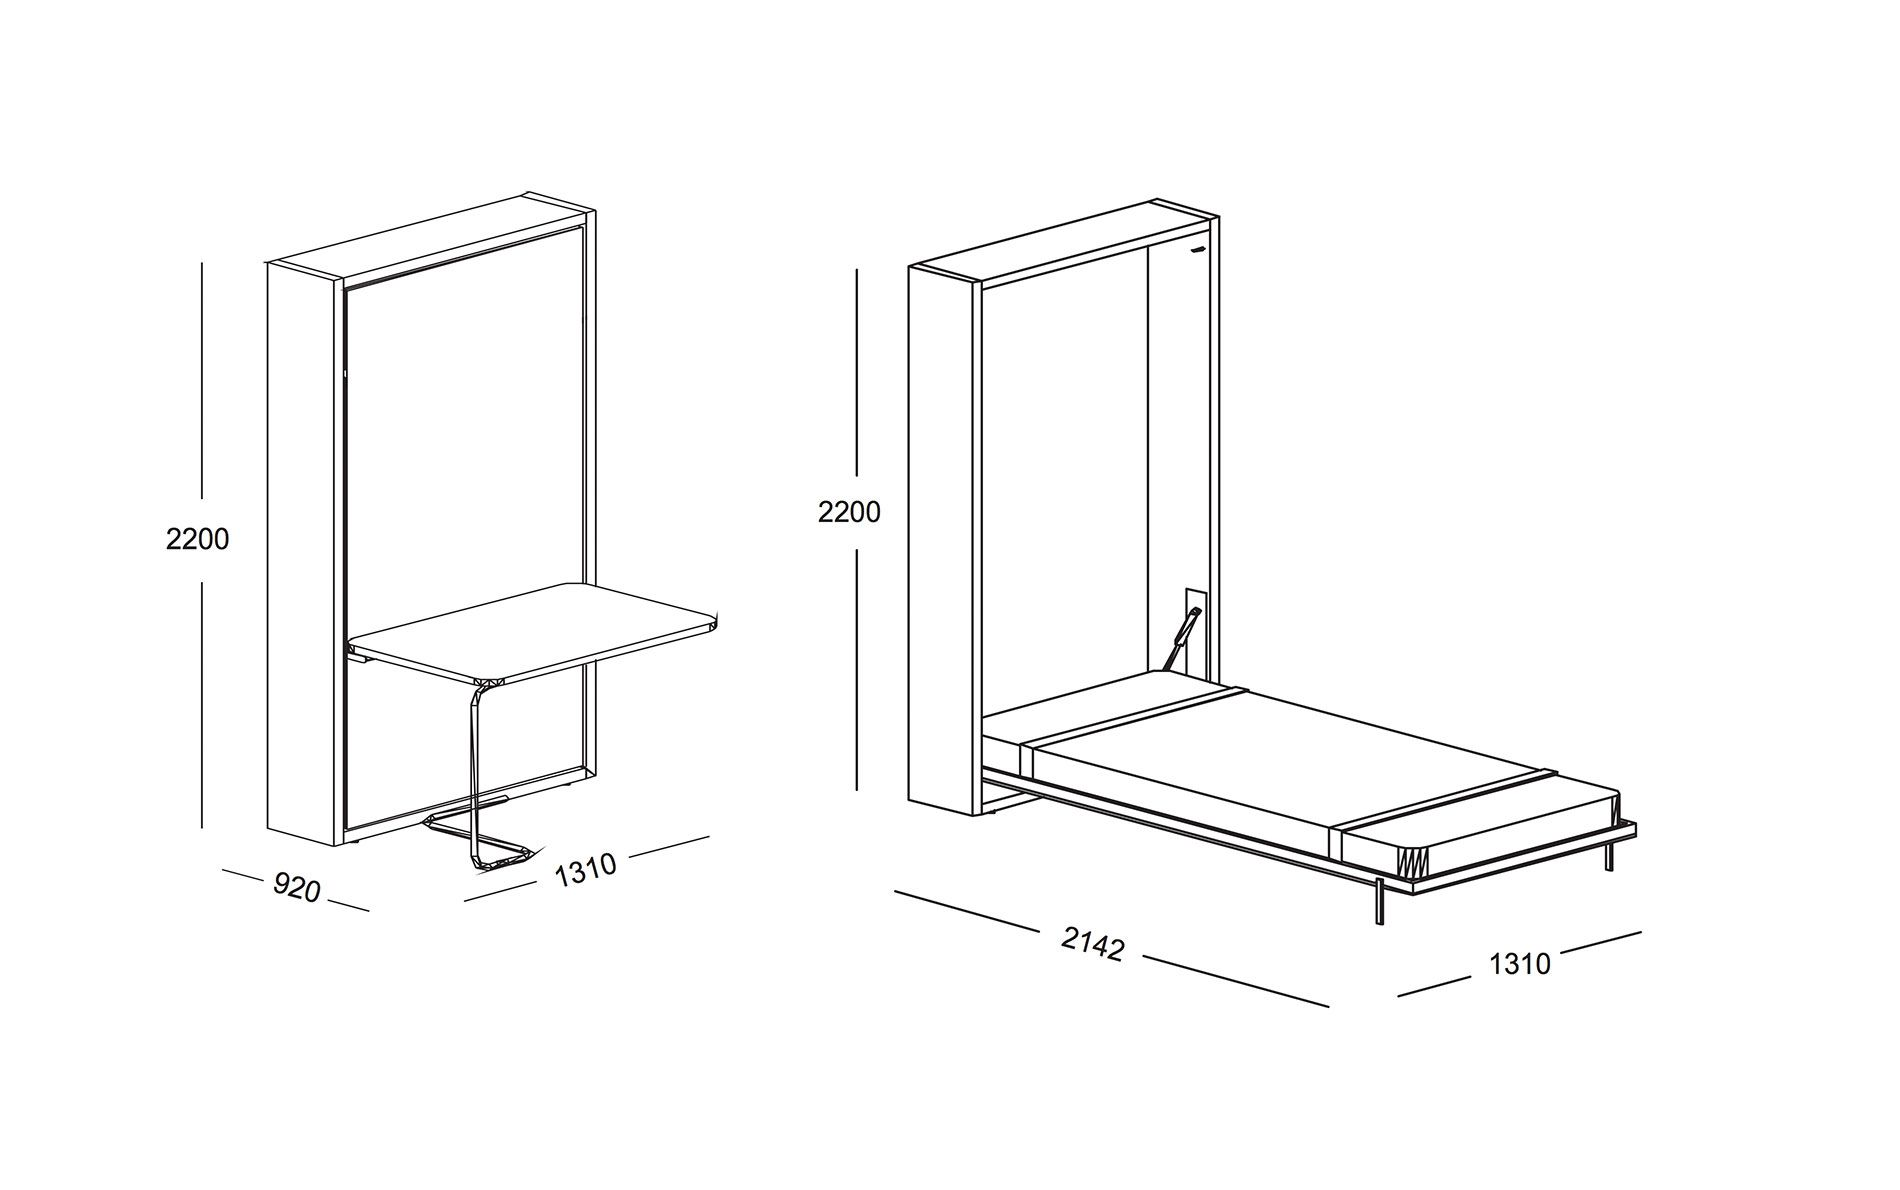 Schrankbett Telemaco 120 Mit Tisch Möbel Betten Zubehör Schrankbetten Clei Ist Der Absolute Spezialist Für Multifunktionale Lebensräume